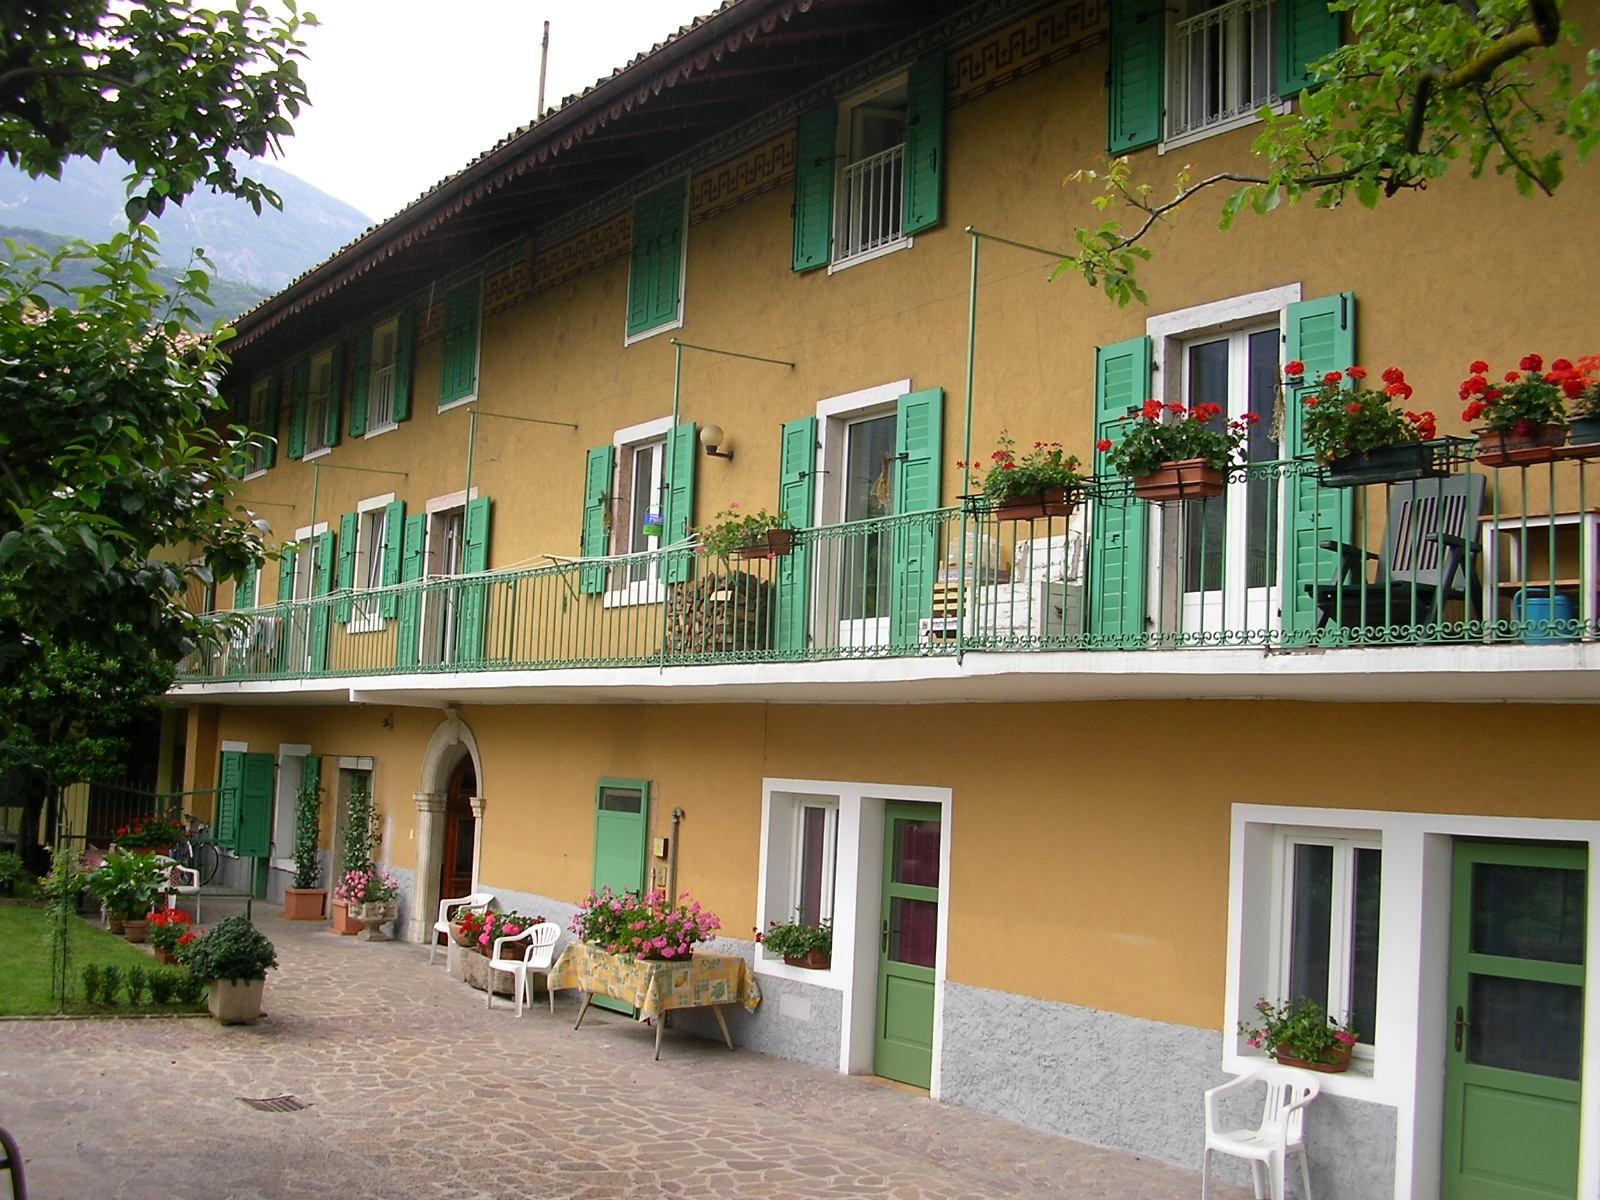 Casa del Noce - Rooms and Breakfast